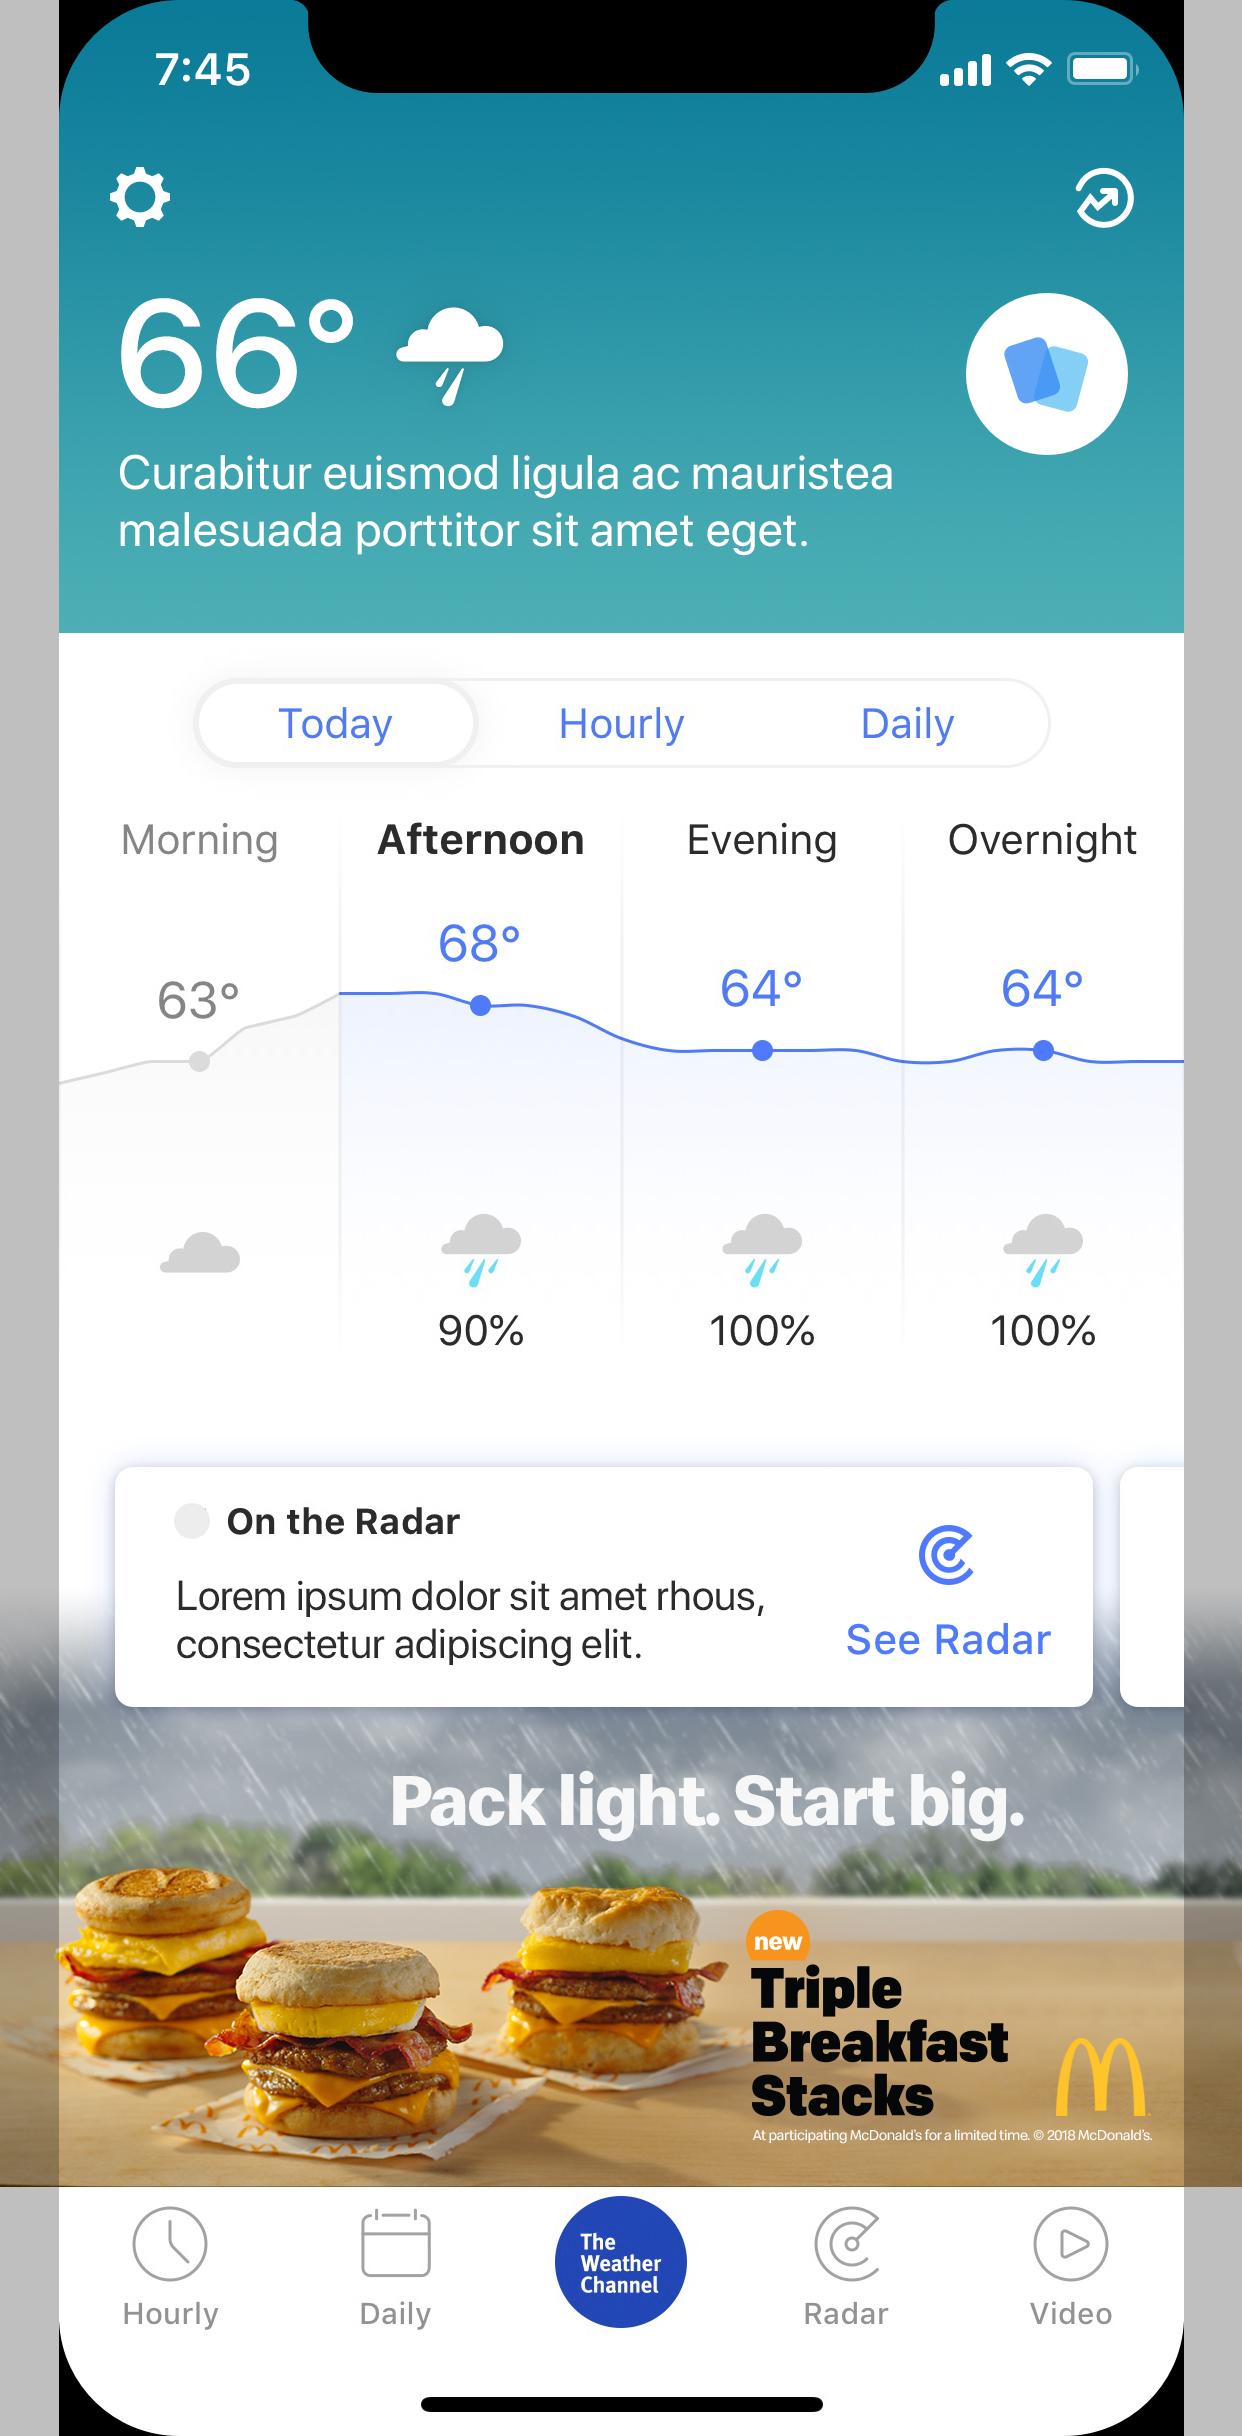 McD_IM_LRG_0002_Rainy Day